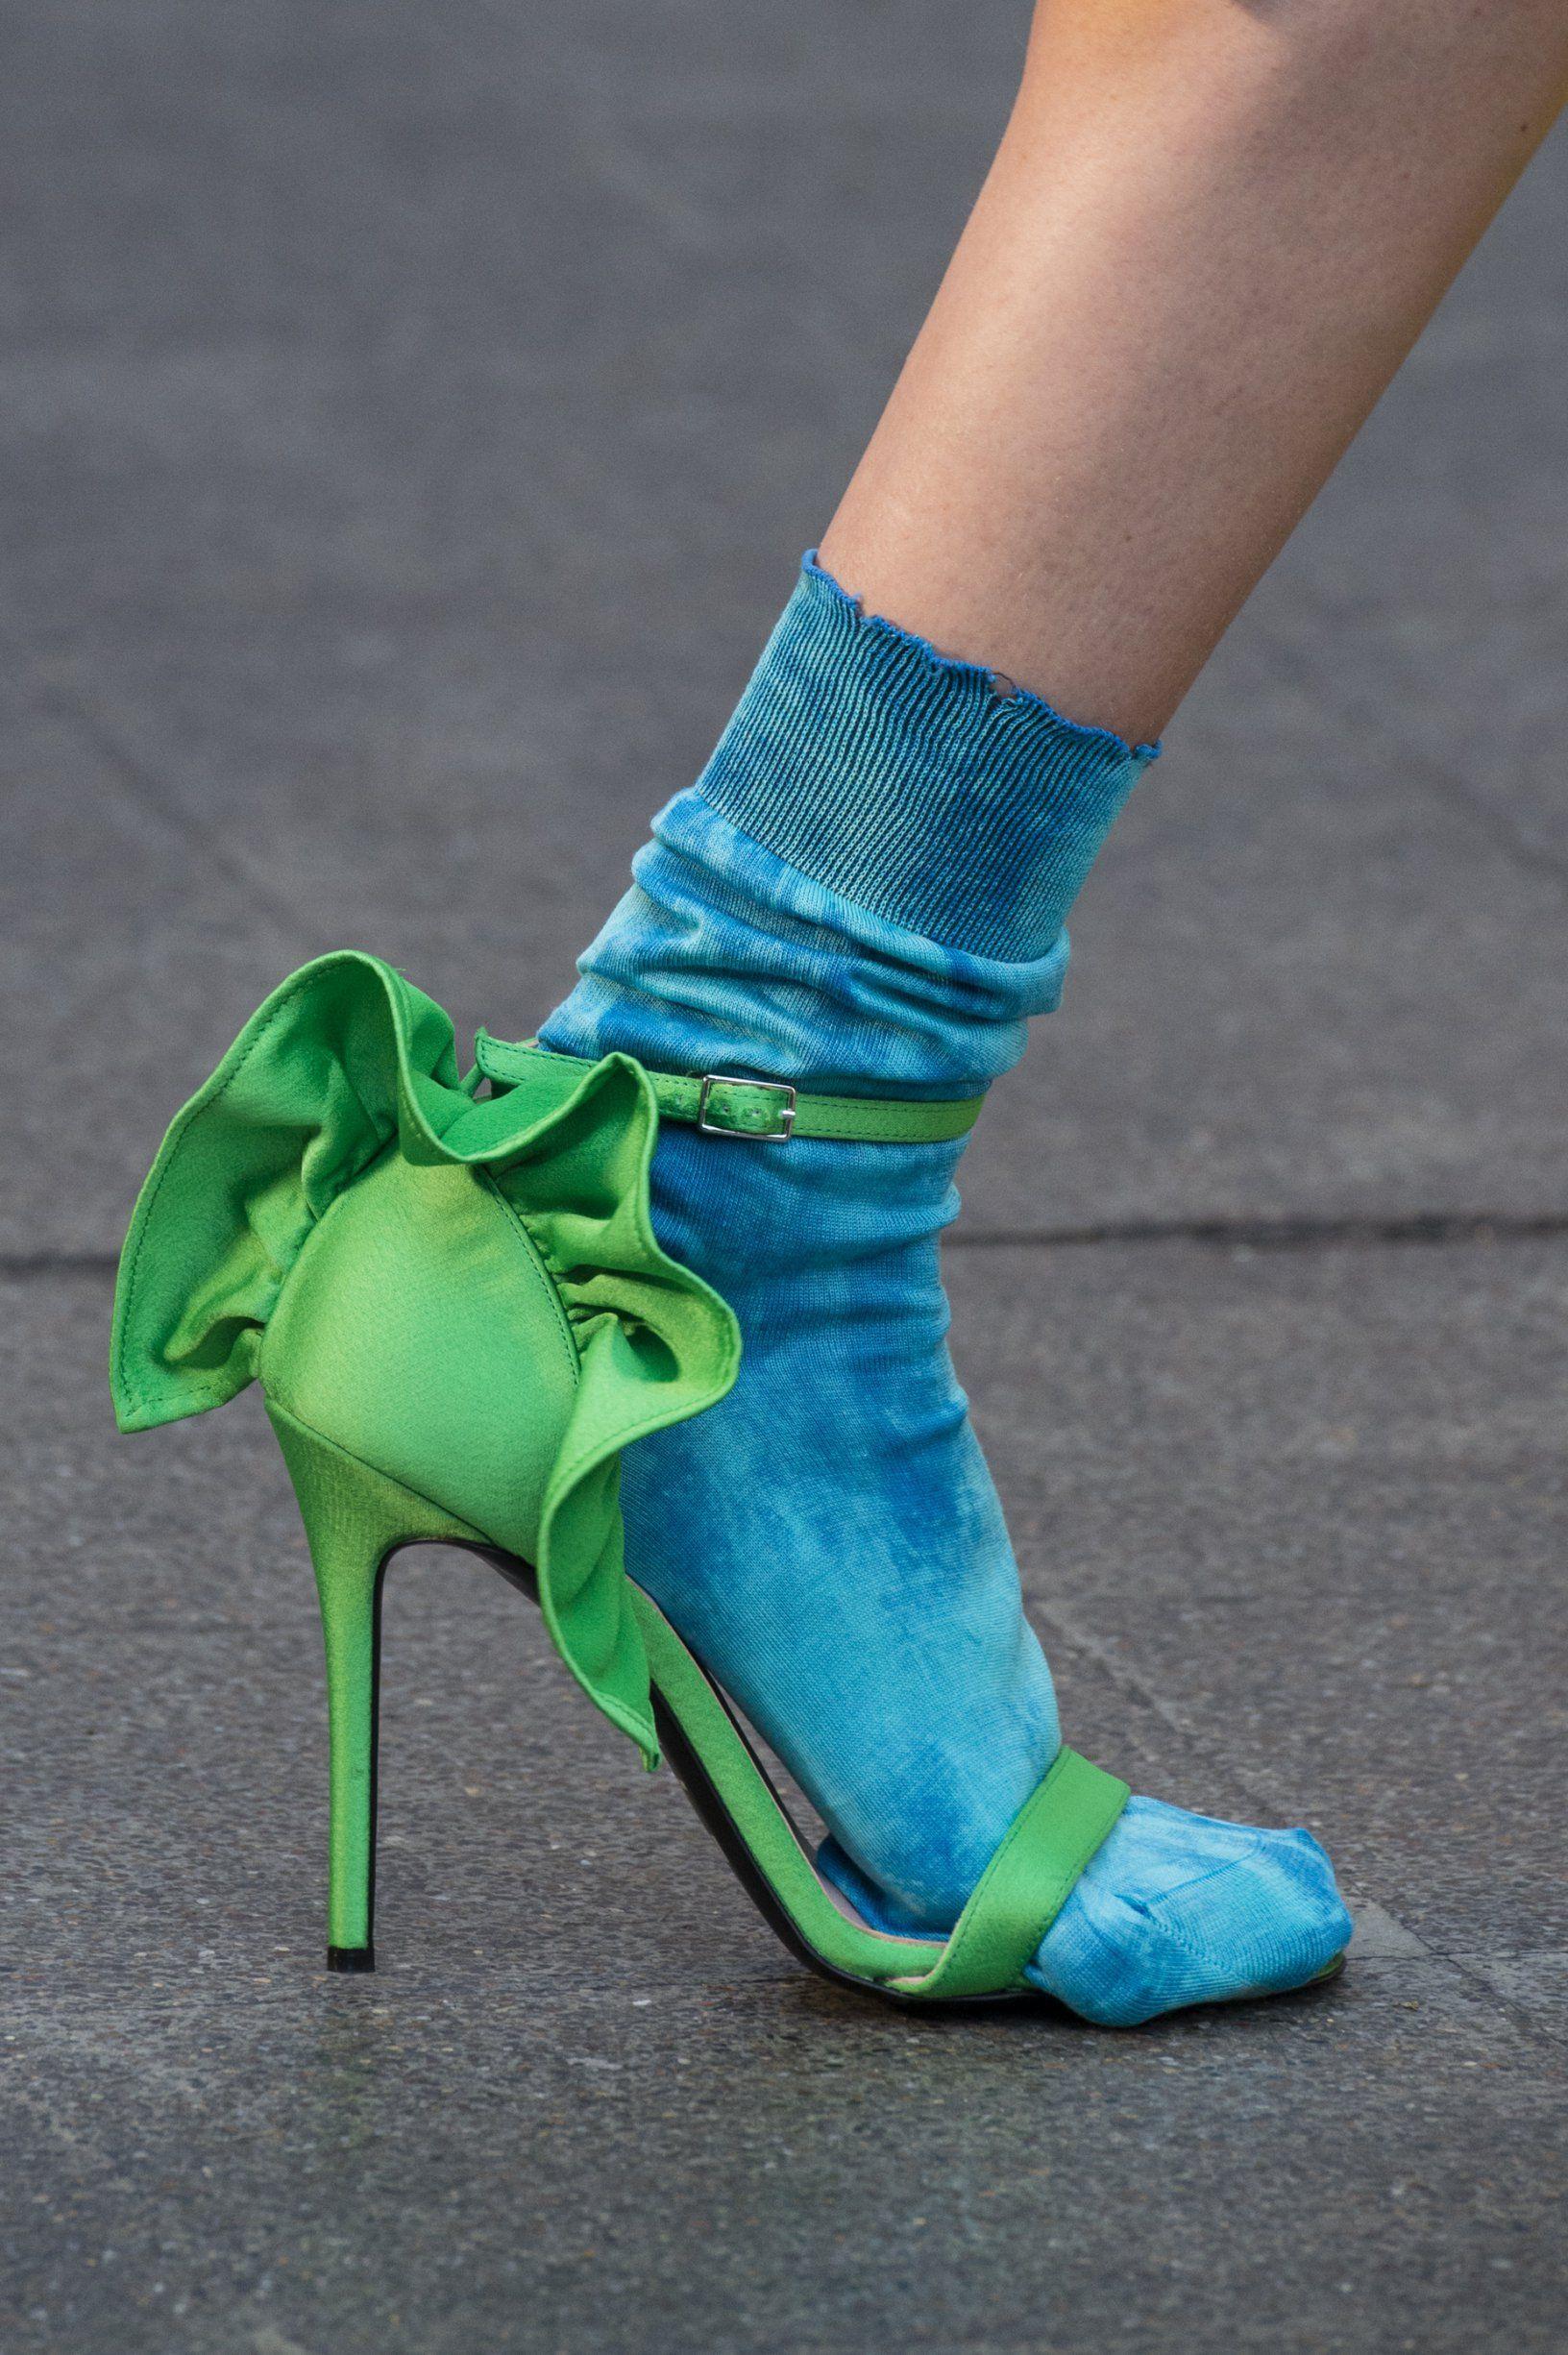 5050adaa084fcb Chaussures printemps-été 2018 - La socquette apparente / chaussure à talons  vertes et chaussettes bleues